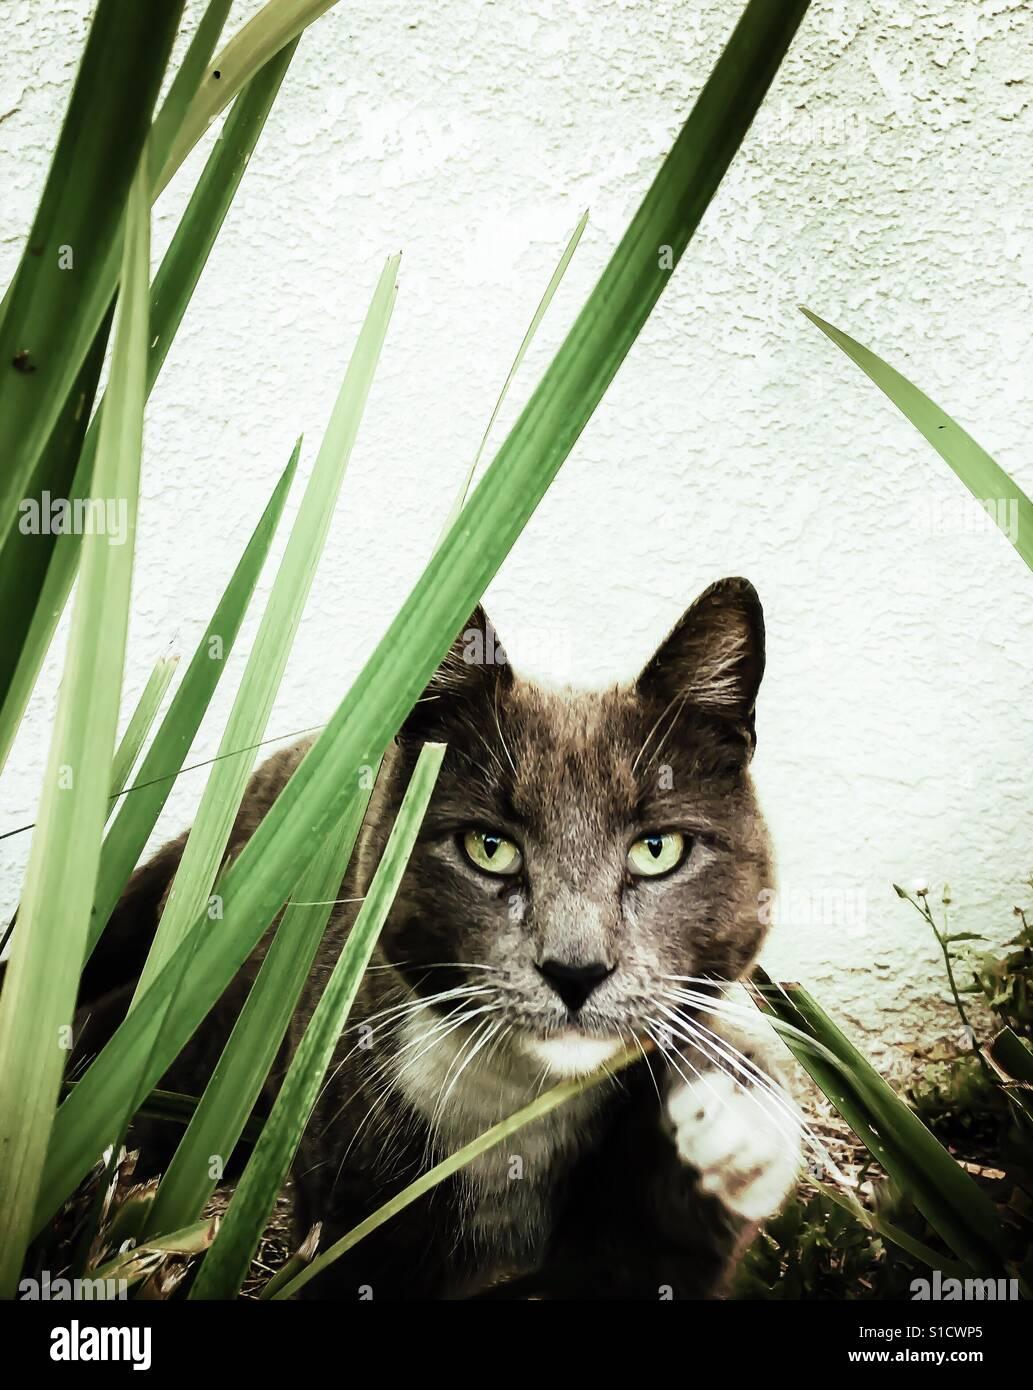 Wilde graue Katze mit grünen Augen spähte durch Schilf nahe bereit zum Sprung Stockfoto